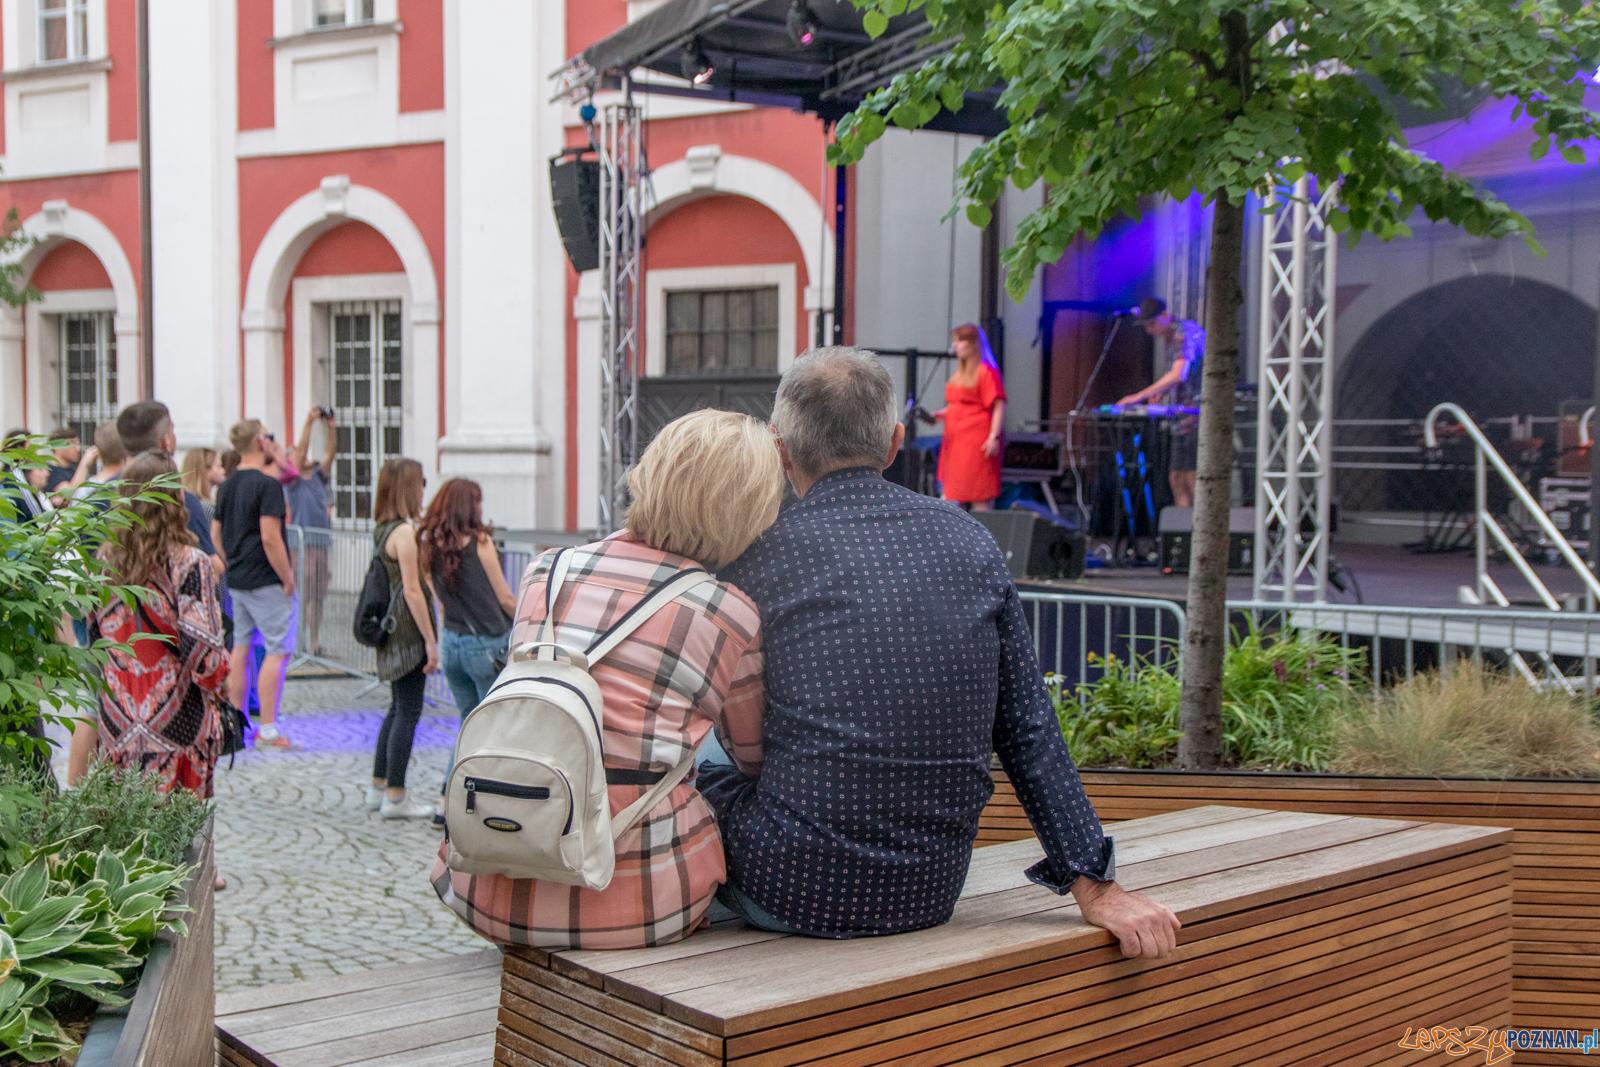 Wczasy i Bloki NaWolnym  Foto: lepszyPOZNAN.pl / Ewelina Jaśkowiak